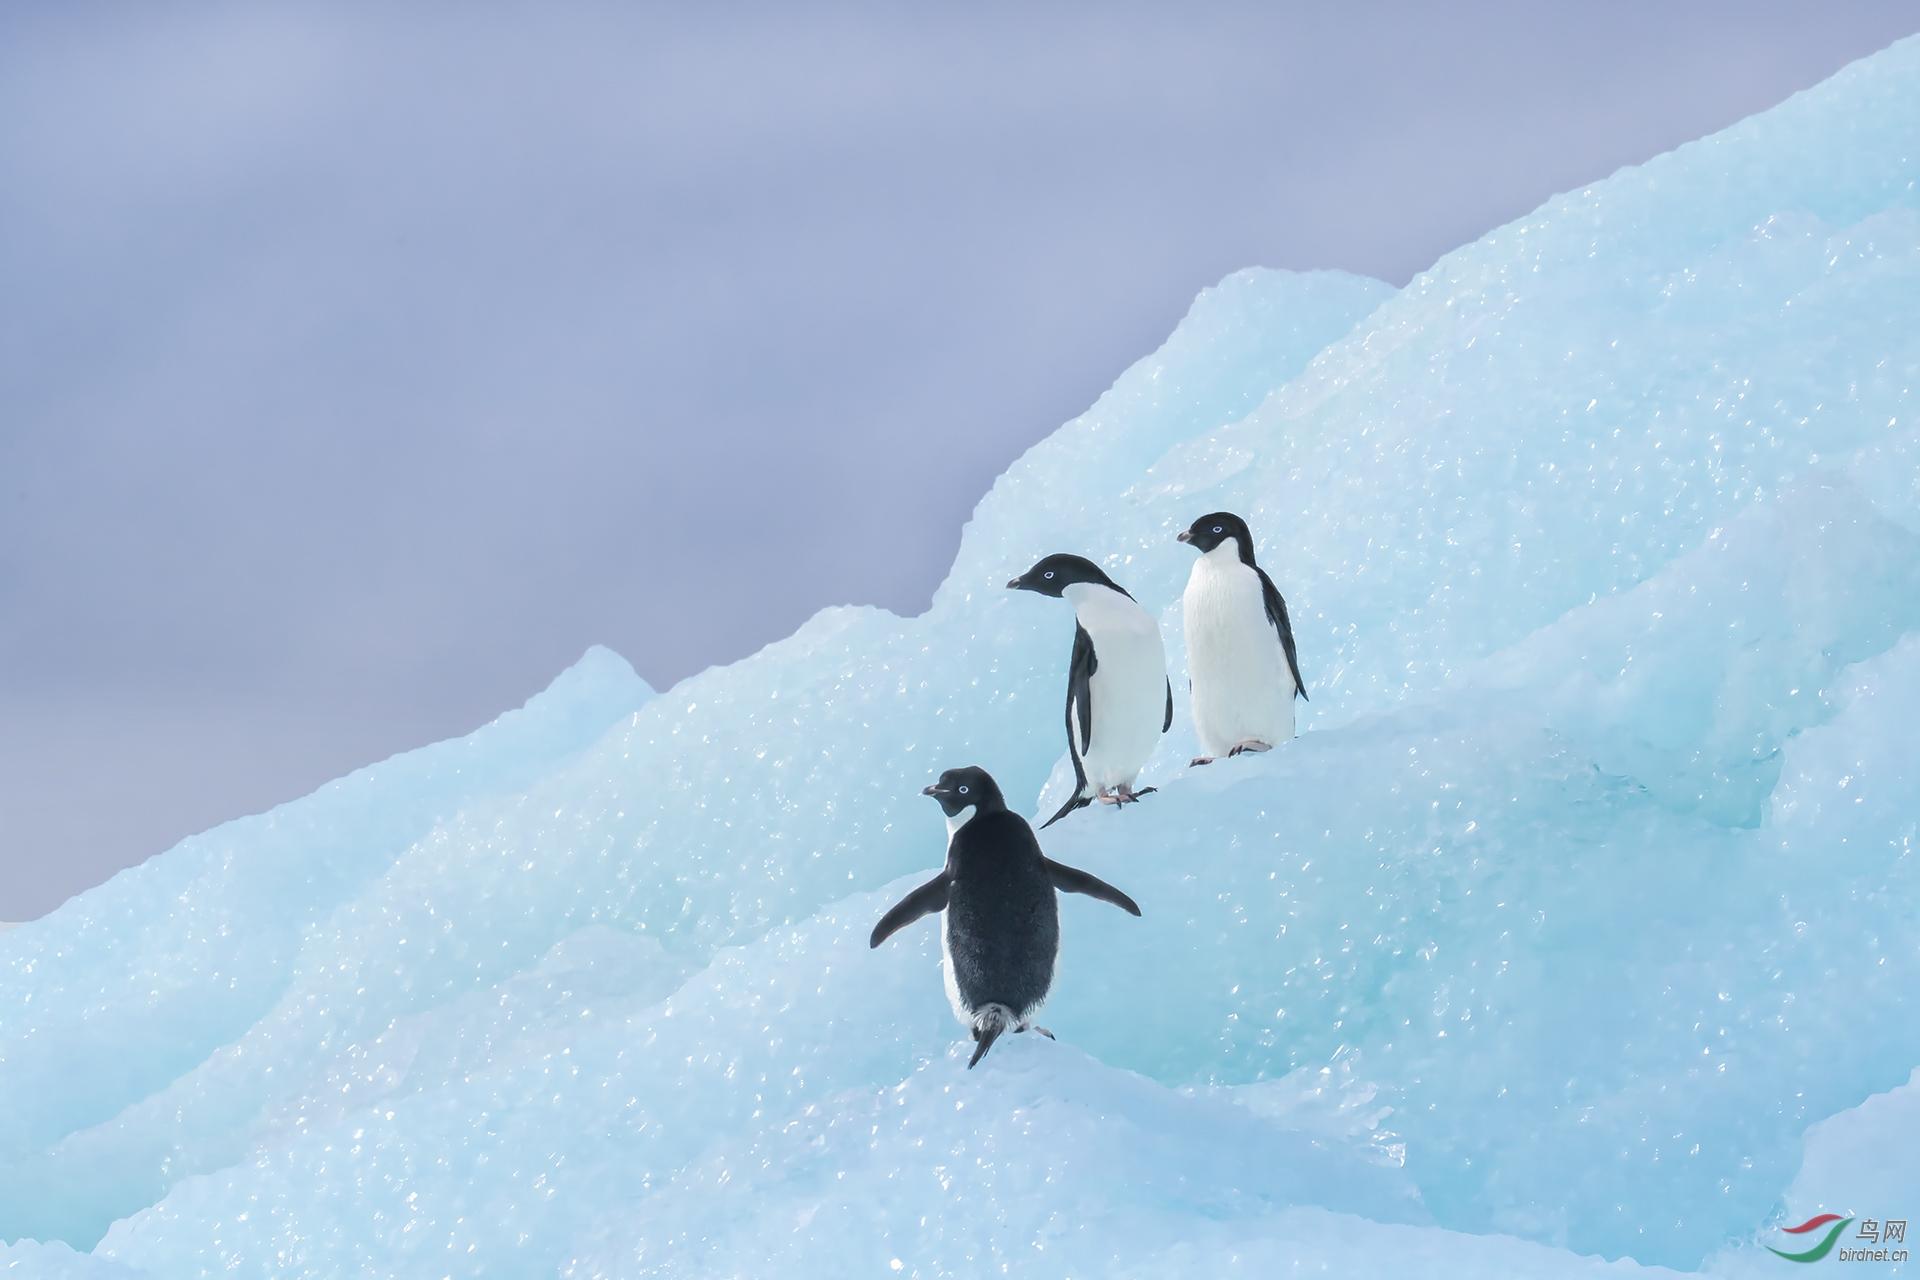 1688.蓝冰上的阿德利企鹅-肥肥.jpg